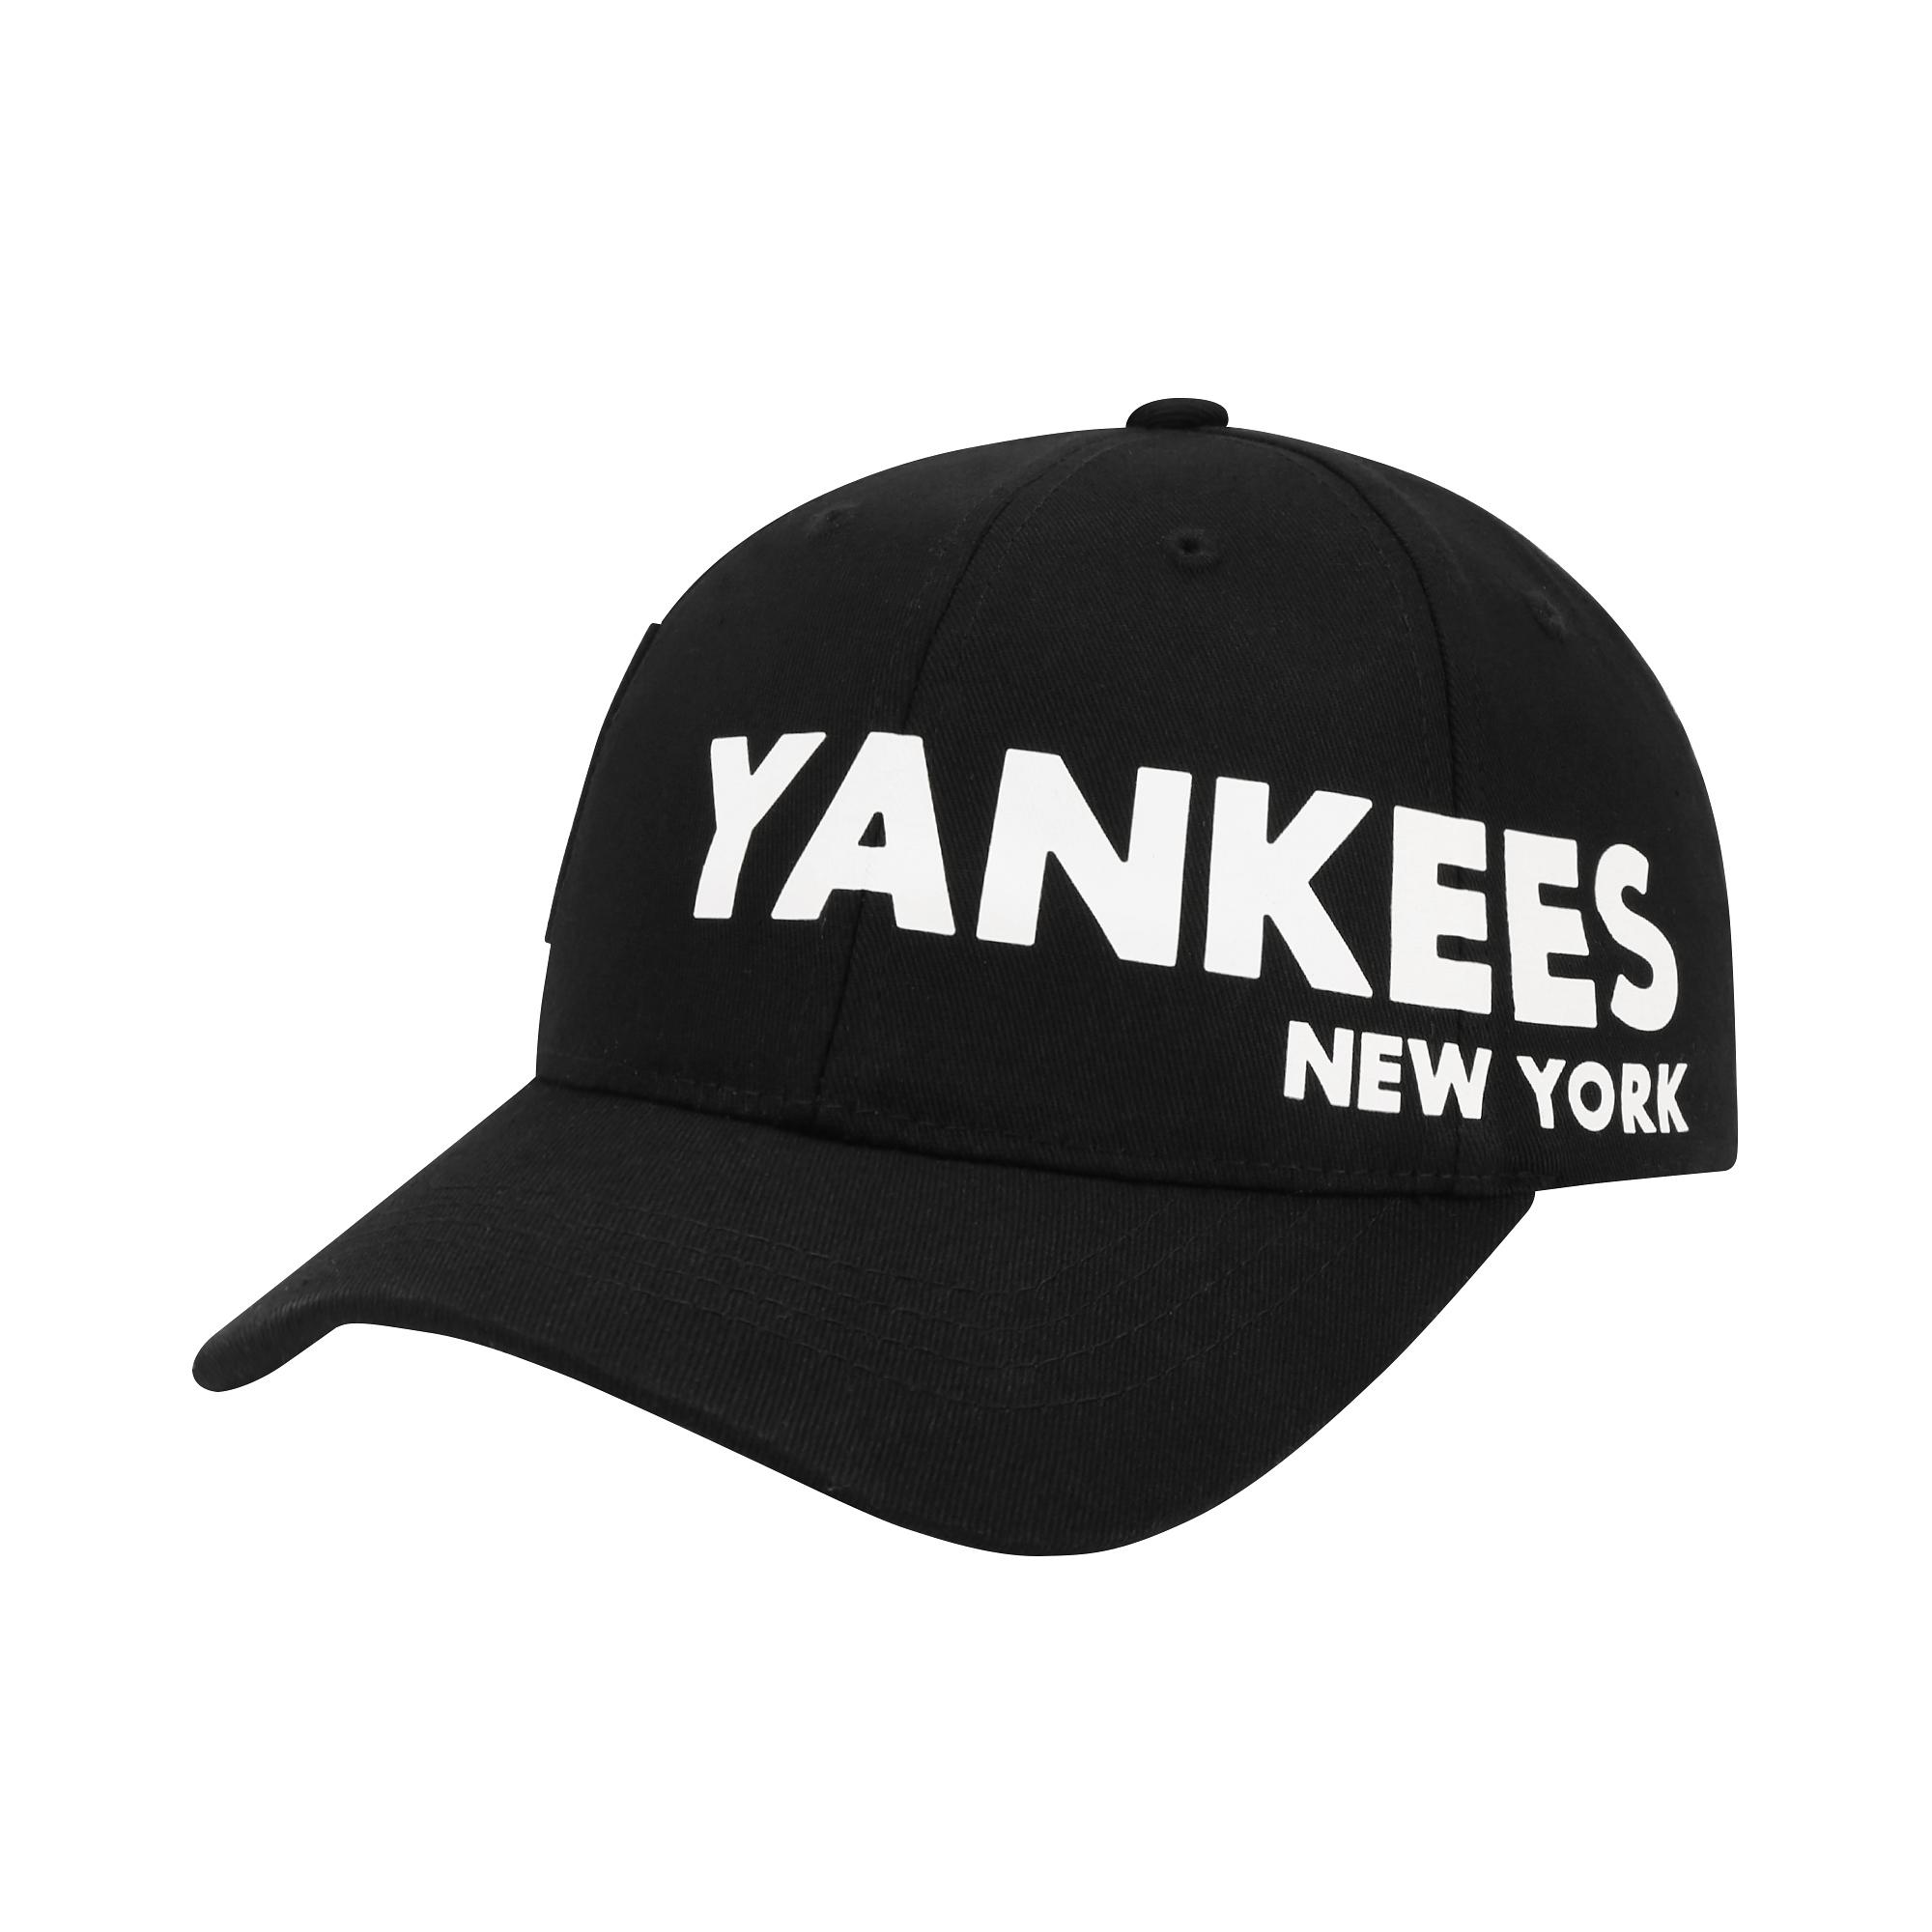 메가로고 빅워딩로고 커브 뉴욕 양키스